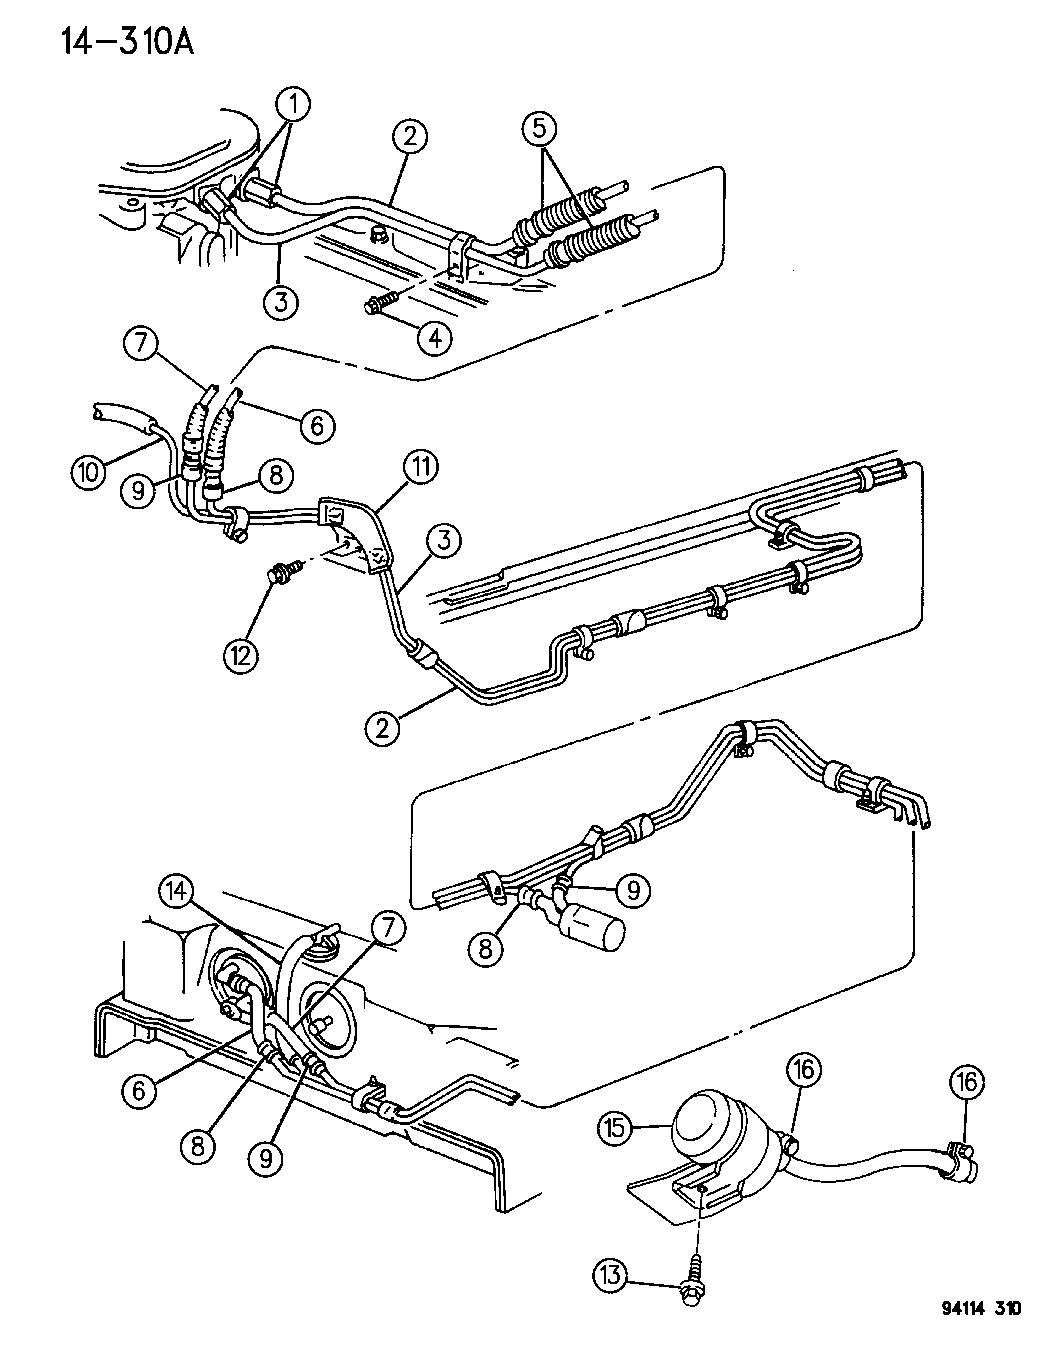 chrysler lebaron fuel filter